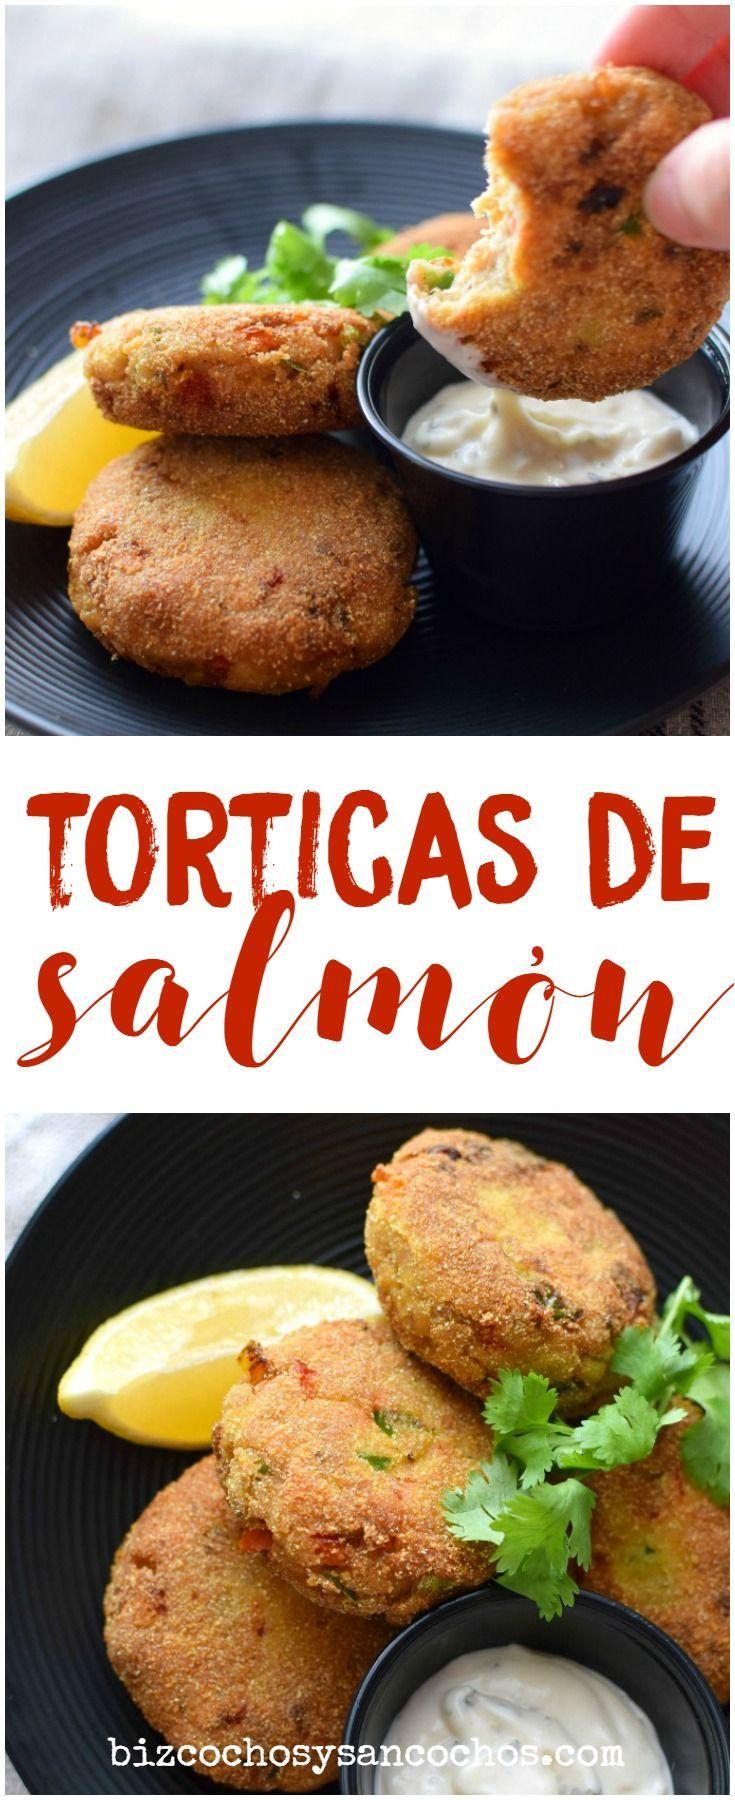 Torticas fáciles de salmón enlatado; fáciles de preparar, muy buena opción para los niños